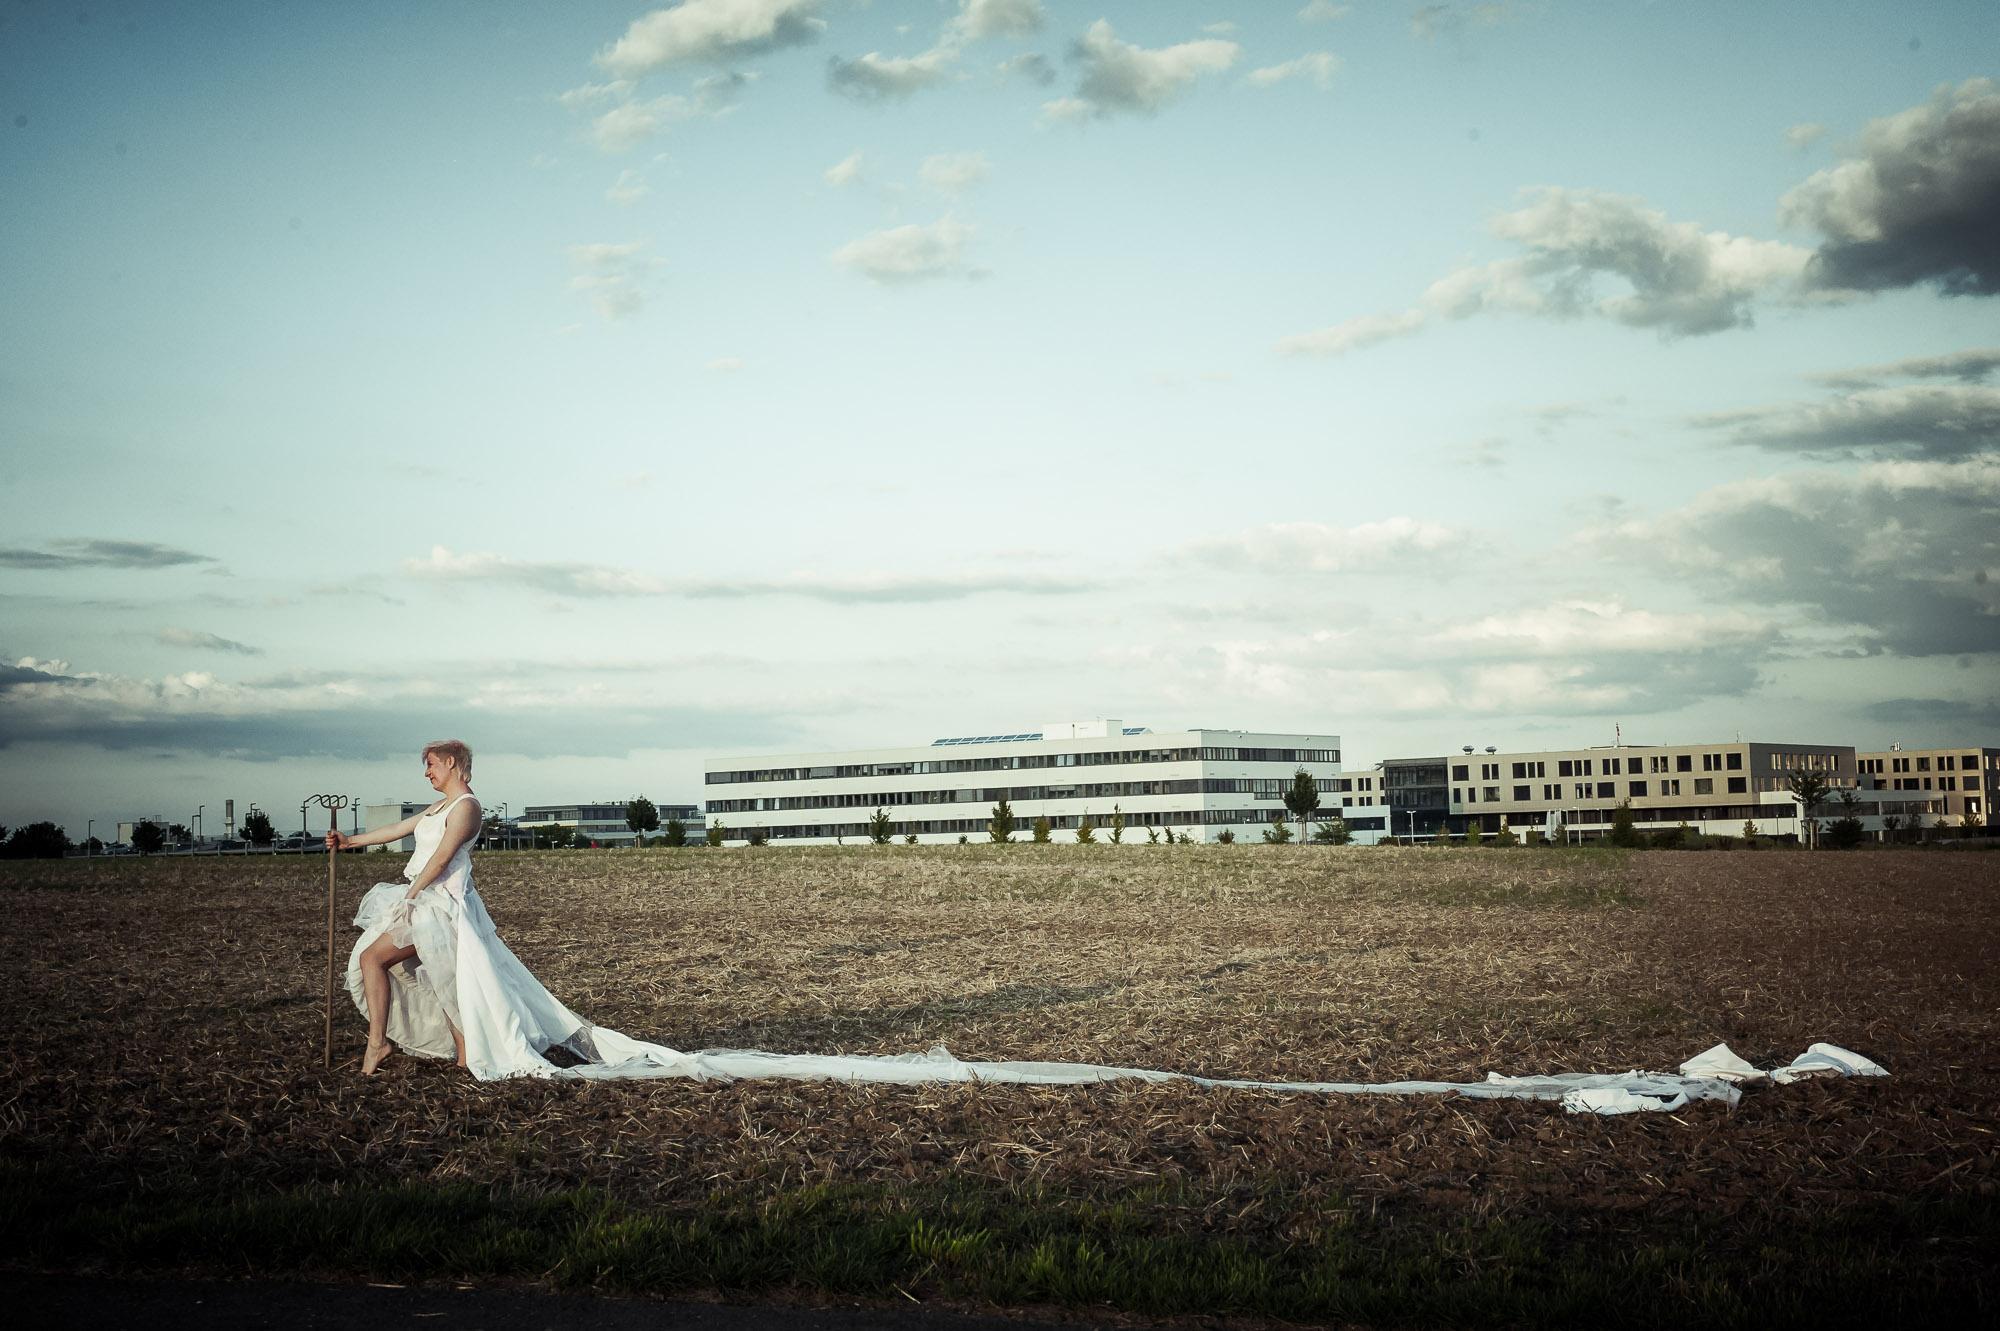 Hochzeit B2000  226177 238 - Strickroth & Fiege Fotografie